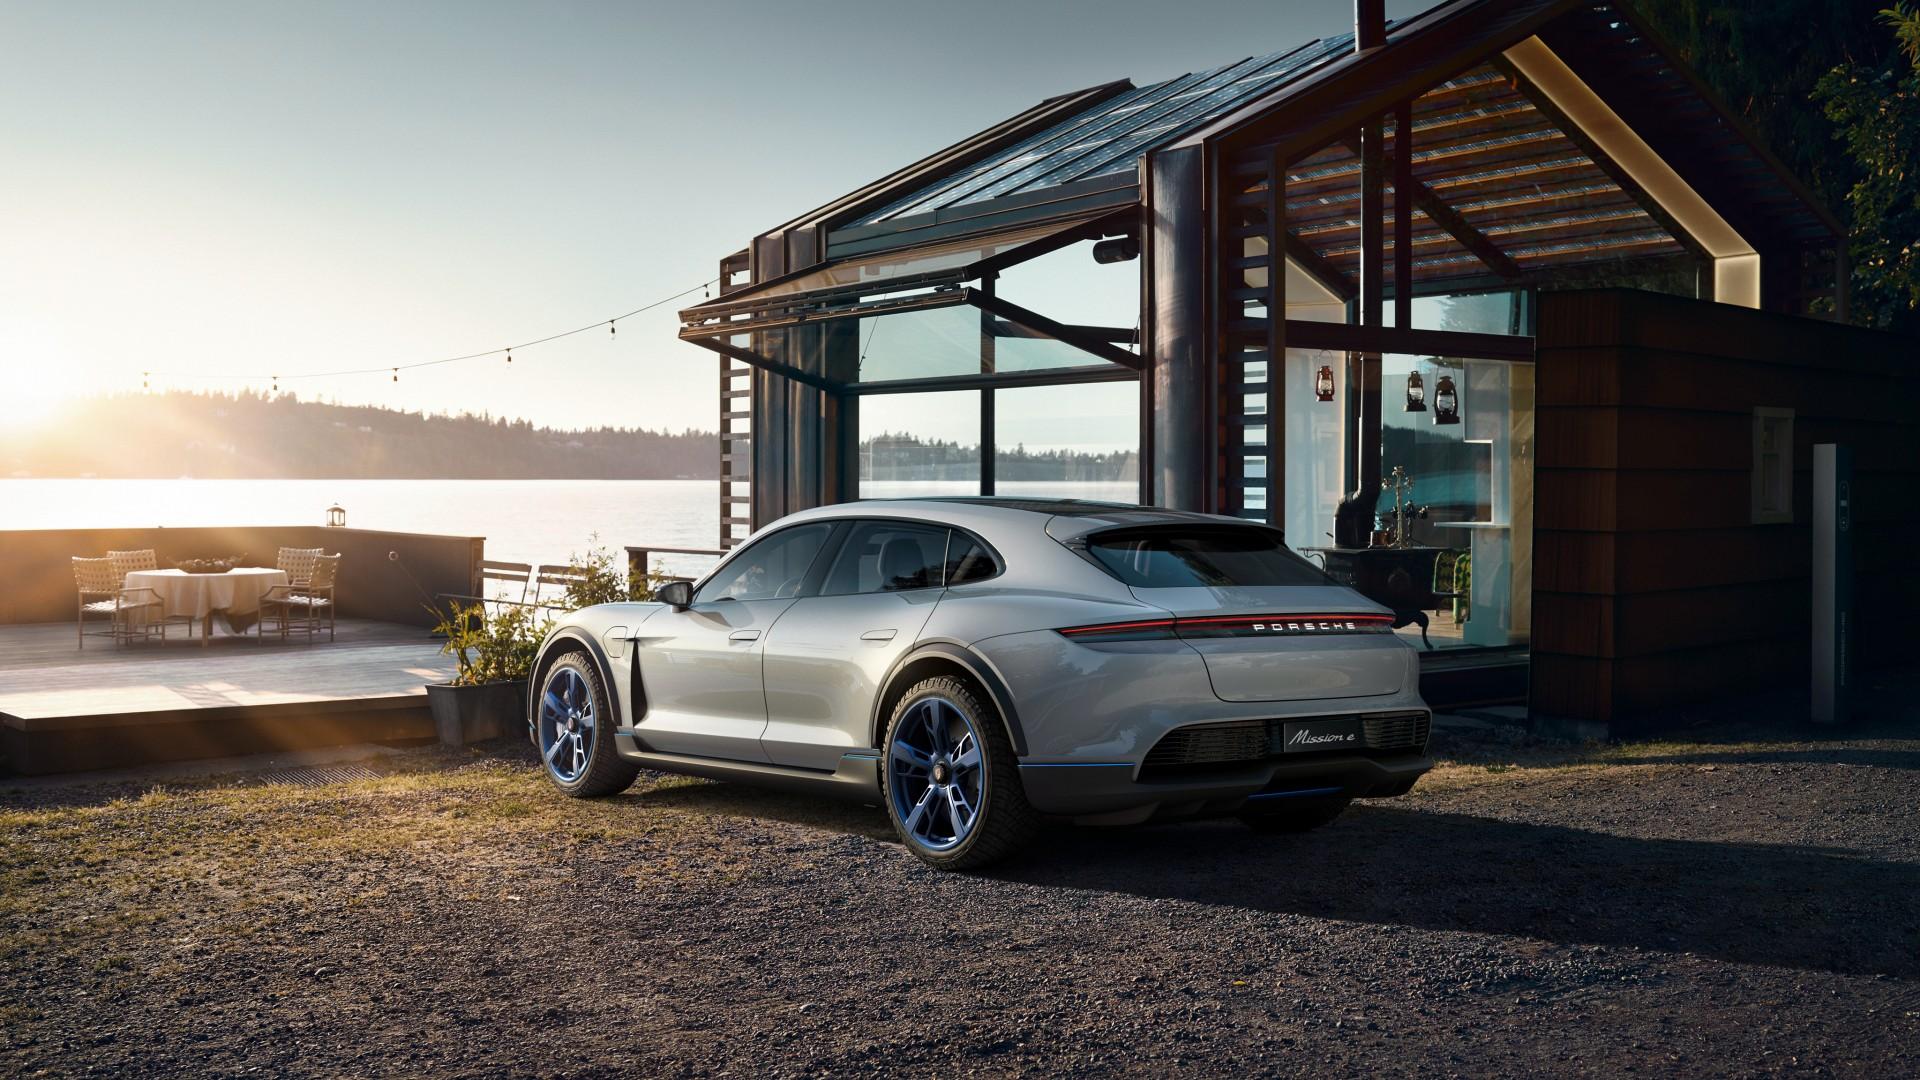 2018 Porsche Mission E Cross Turismo 4K 10 Wallpaper | HD ...